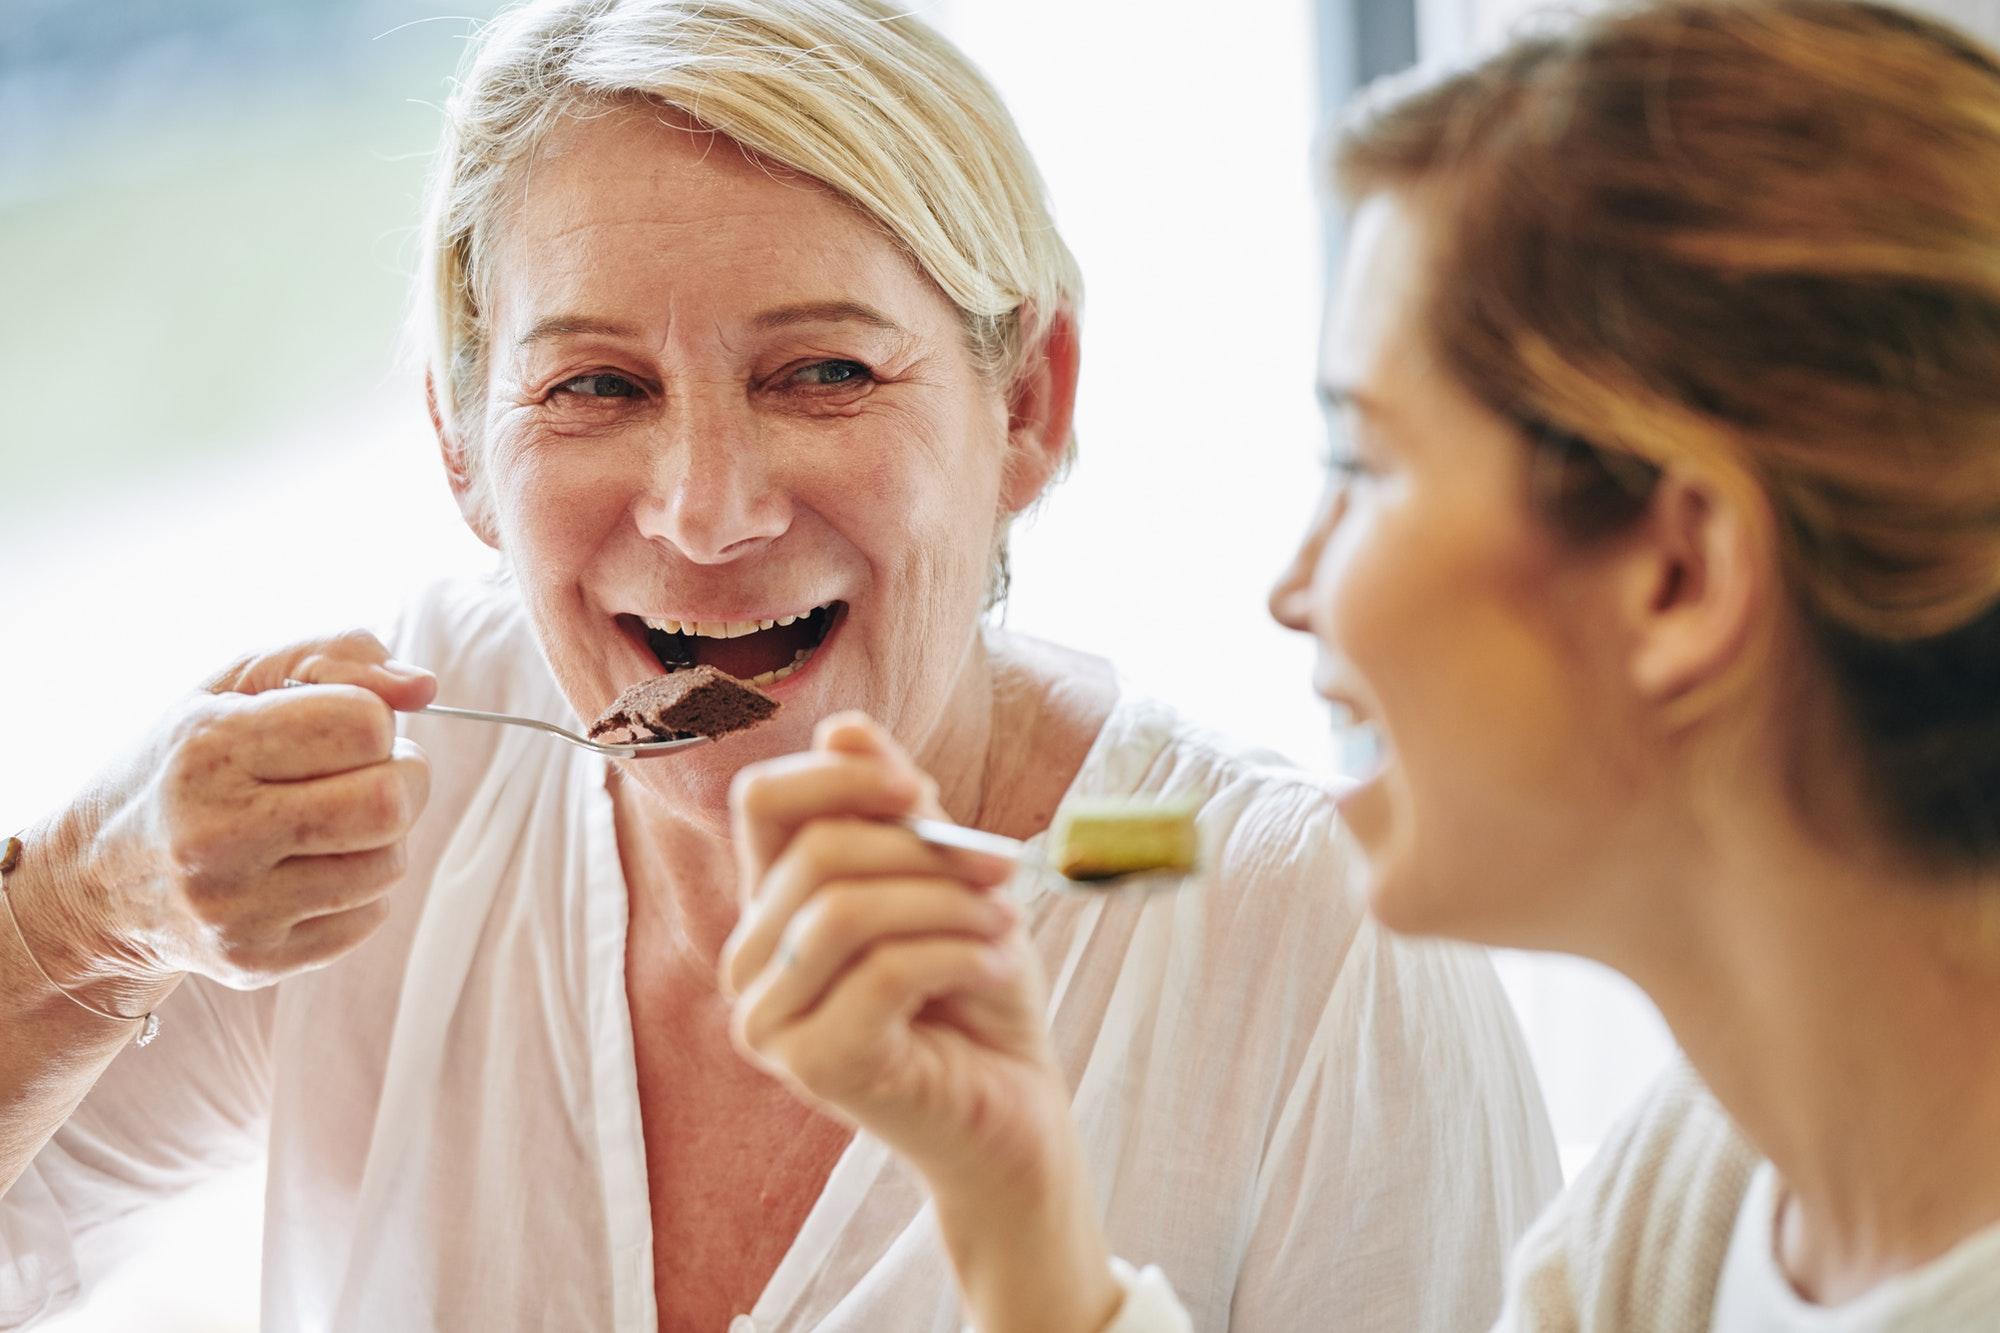 Mature woman eating dessert